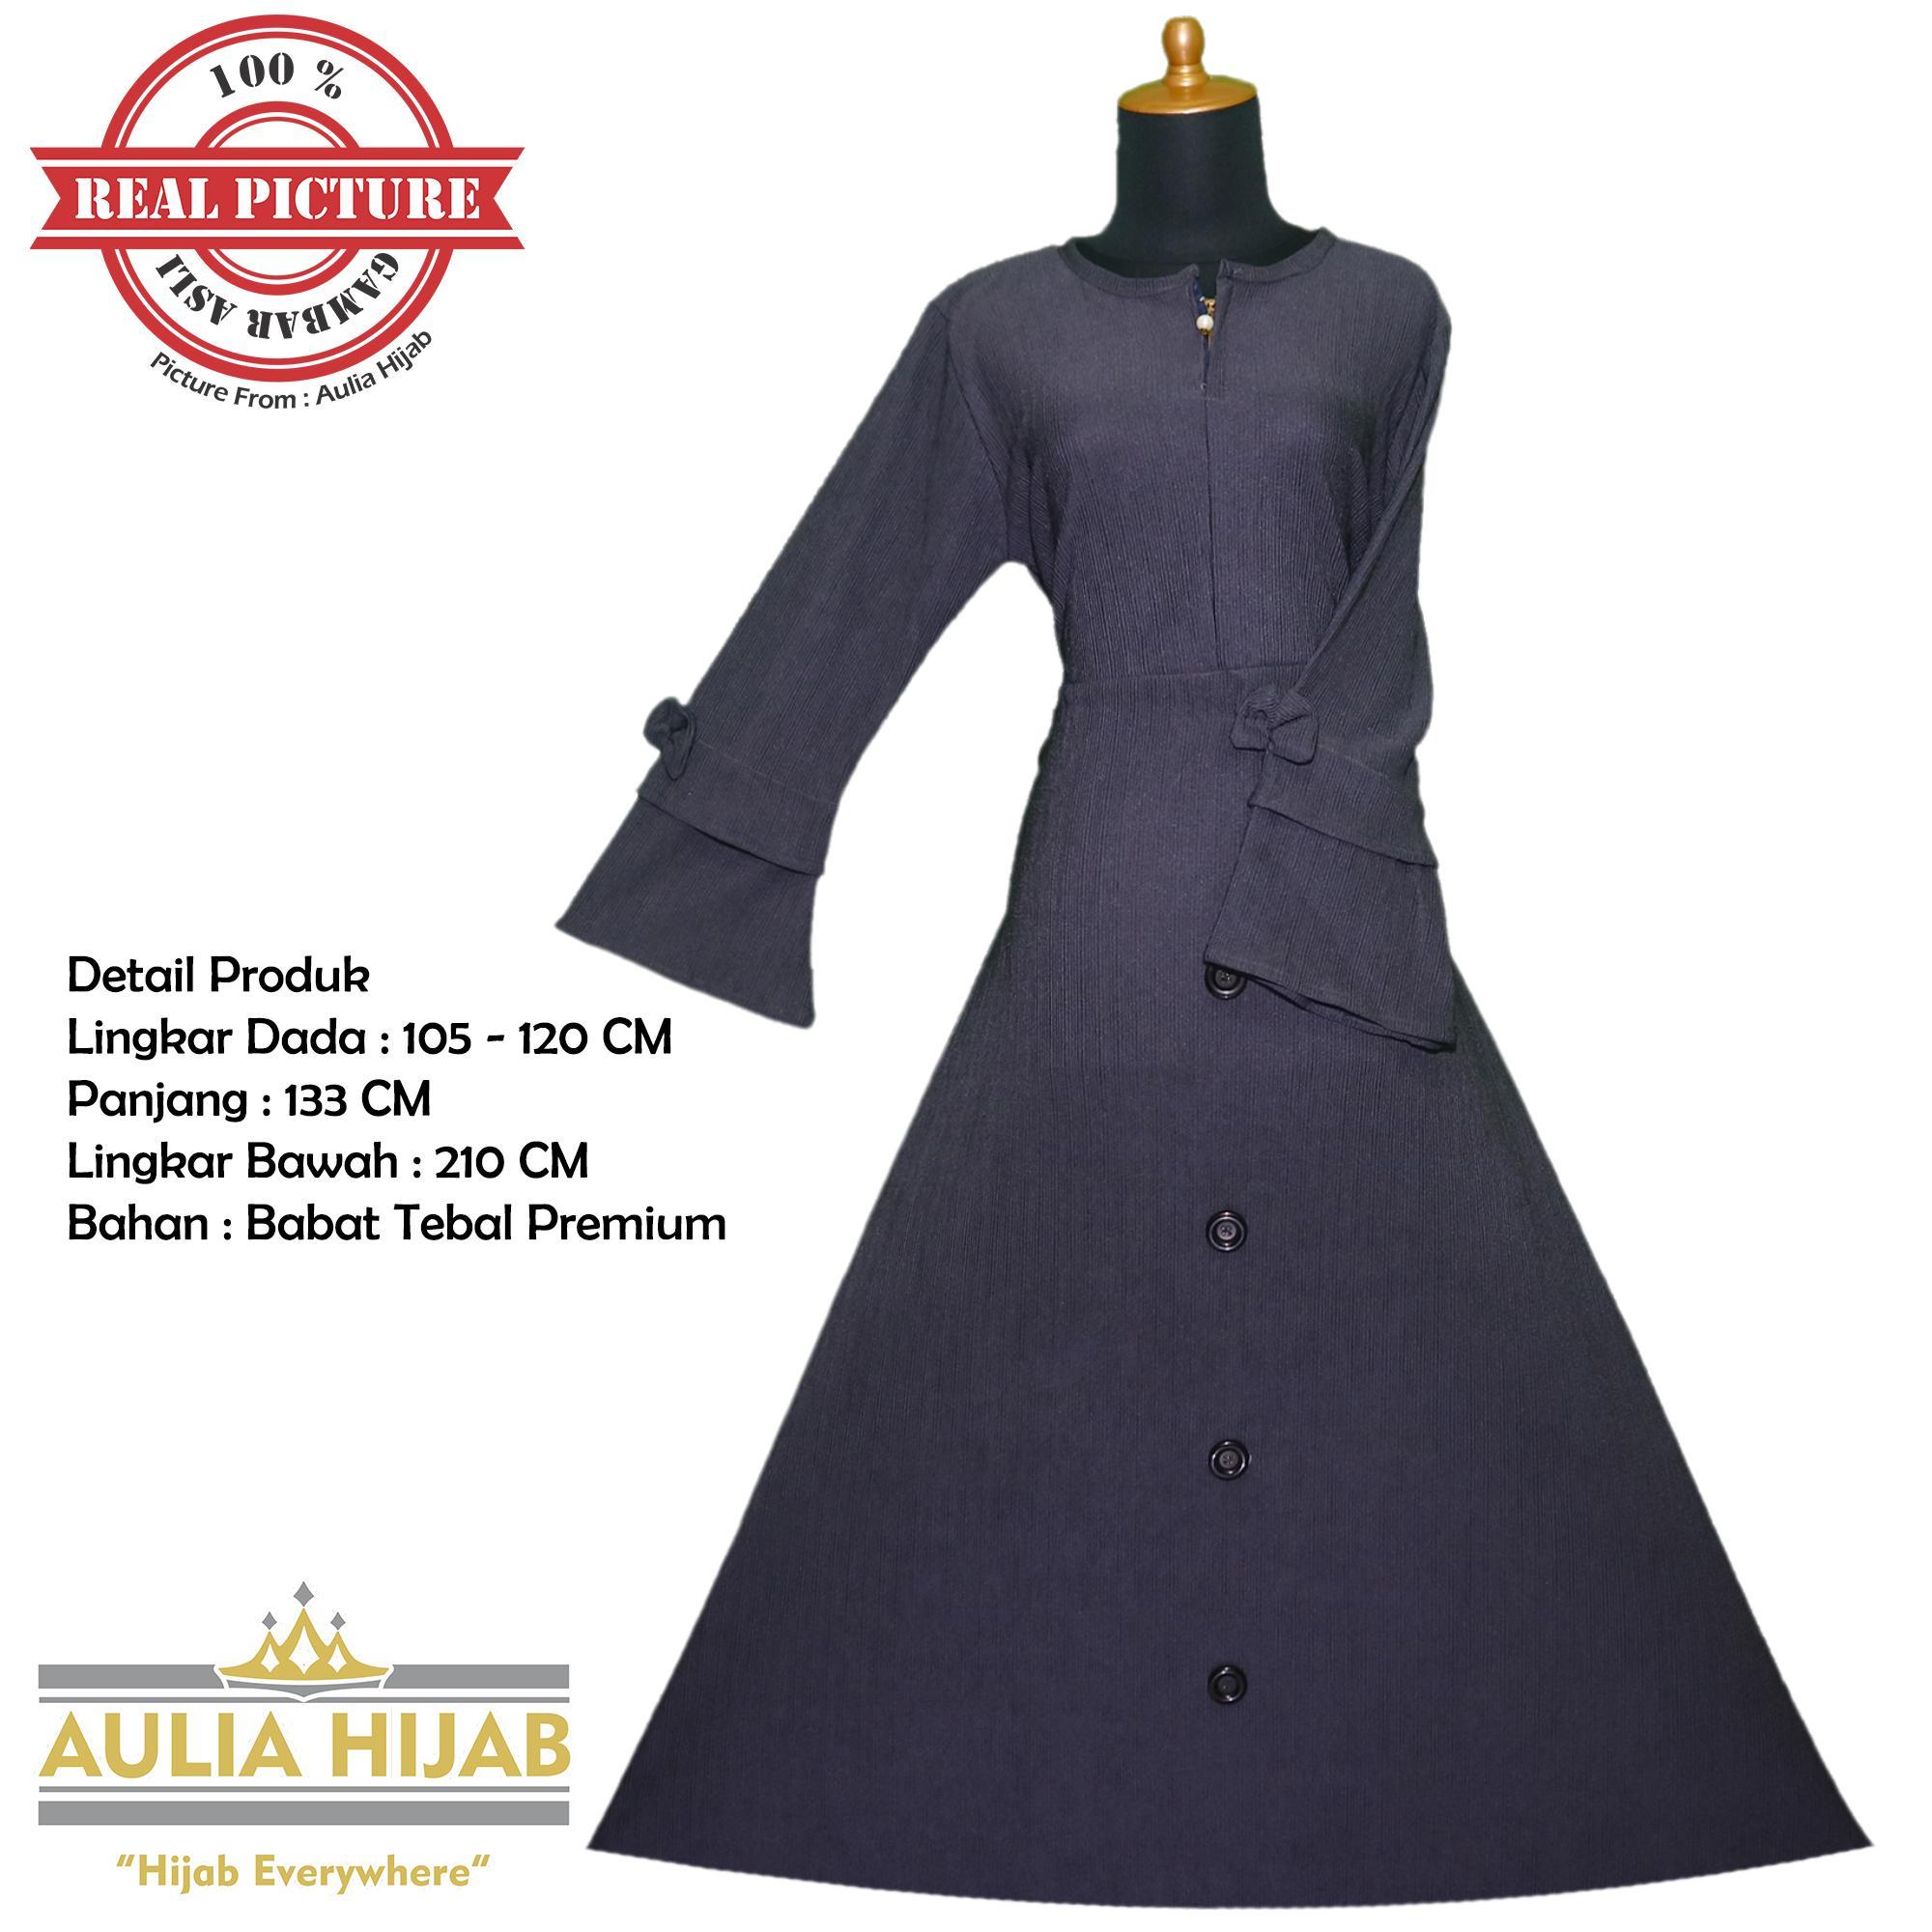 Fitur Aulia Hijab Restock Gamis Aulia Dress Bahan Babat Tebal